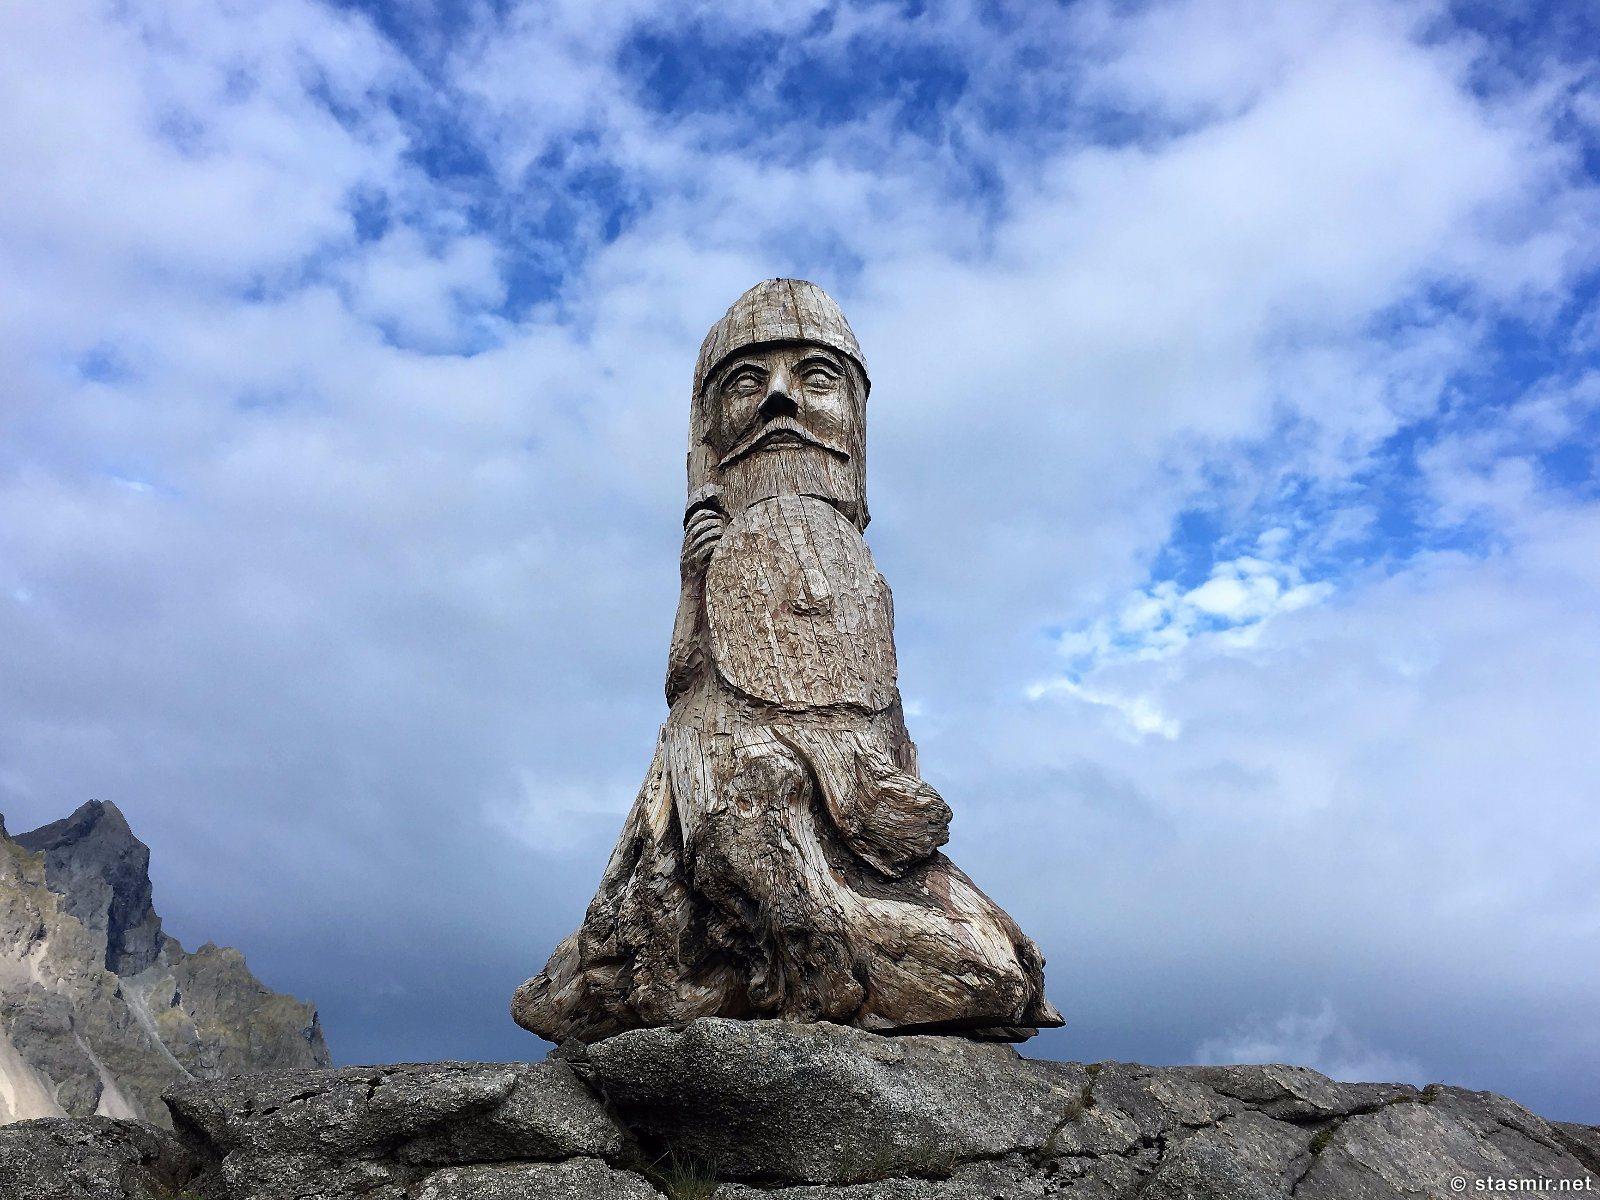 идол в деревне викингов в Исландии, фото Стасмир, photo Stasmir, сет деревни викингов дляя съемок голливудского фильма